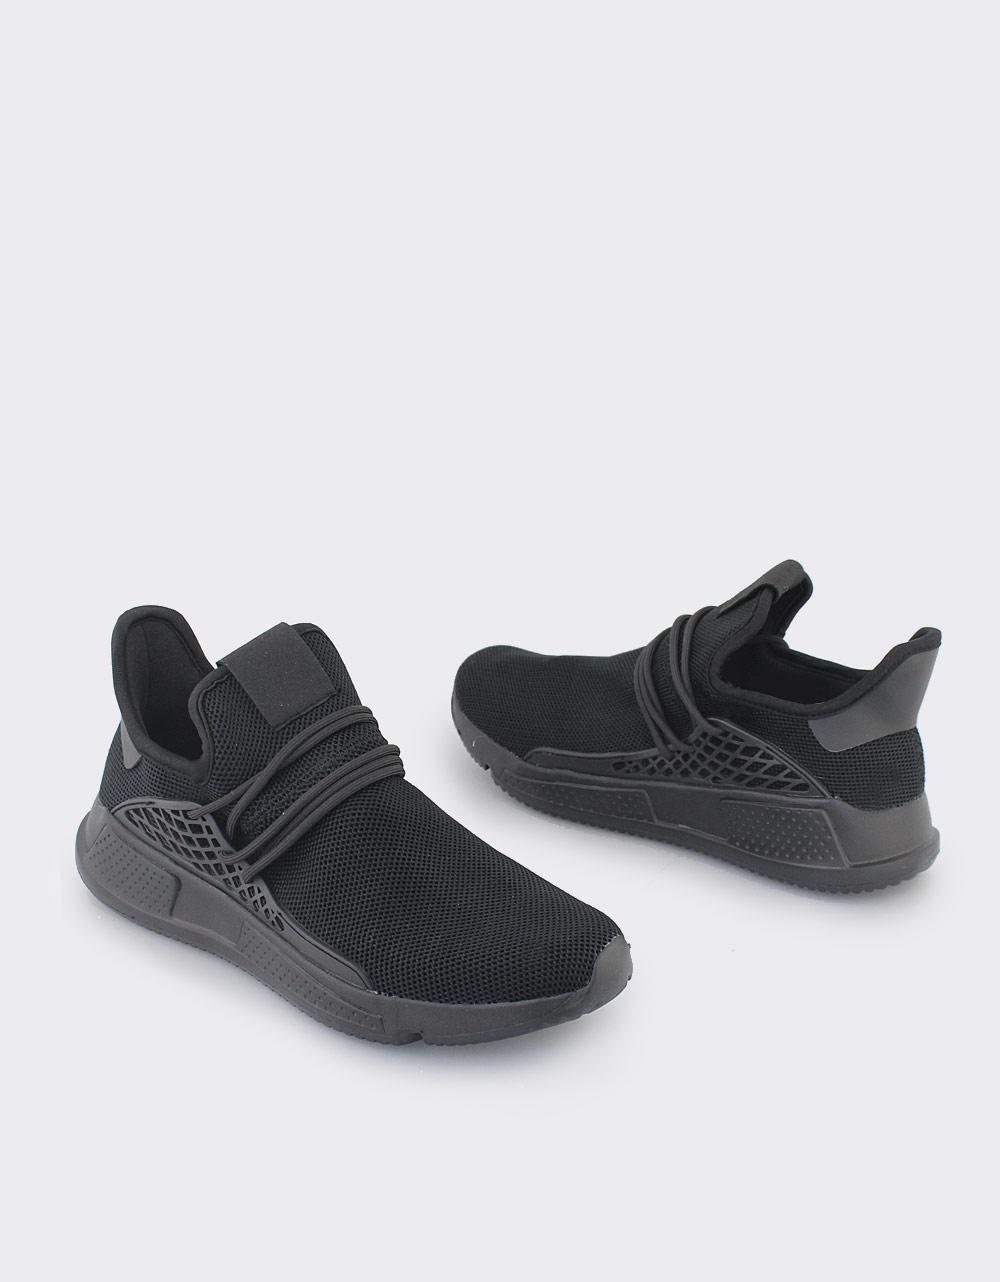 Εικόνα από Ανδρικά sneakers με ανάγλυφα σχέδια Μαύρο